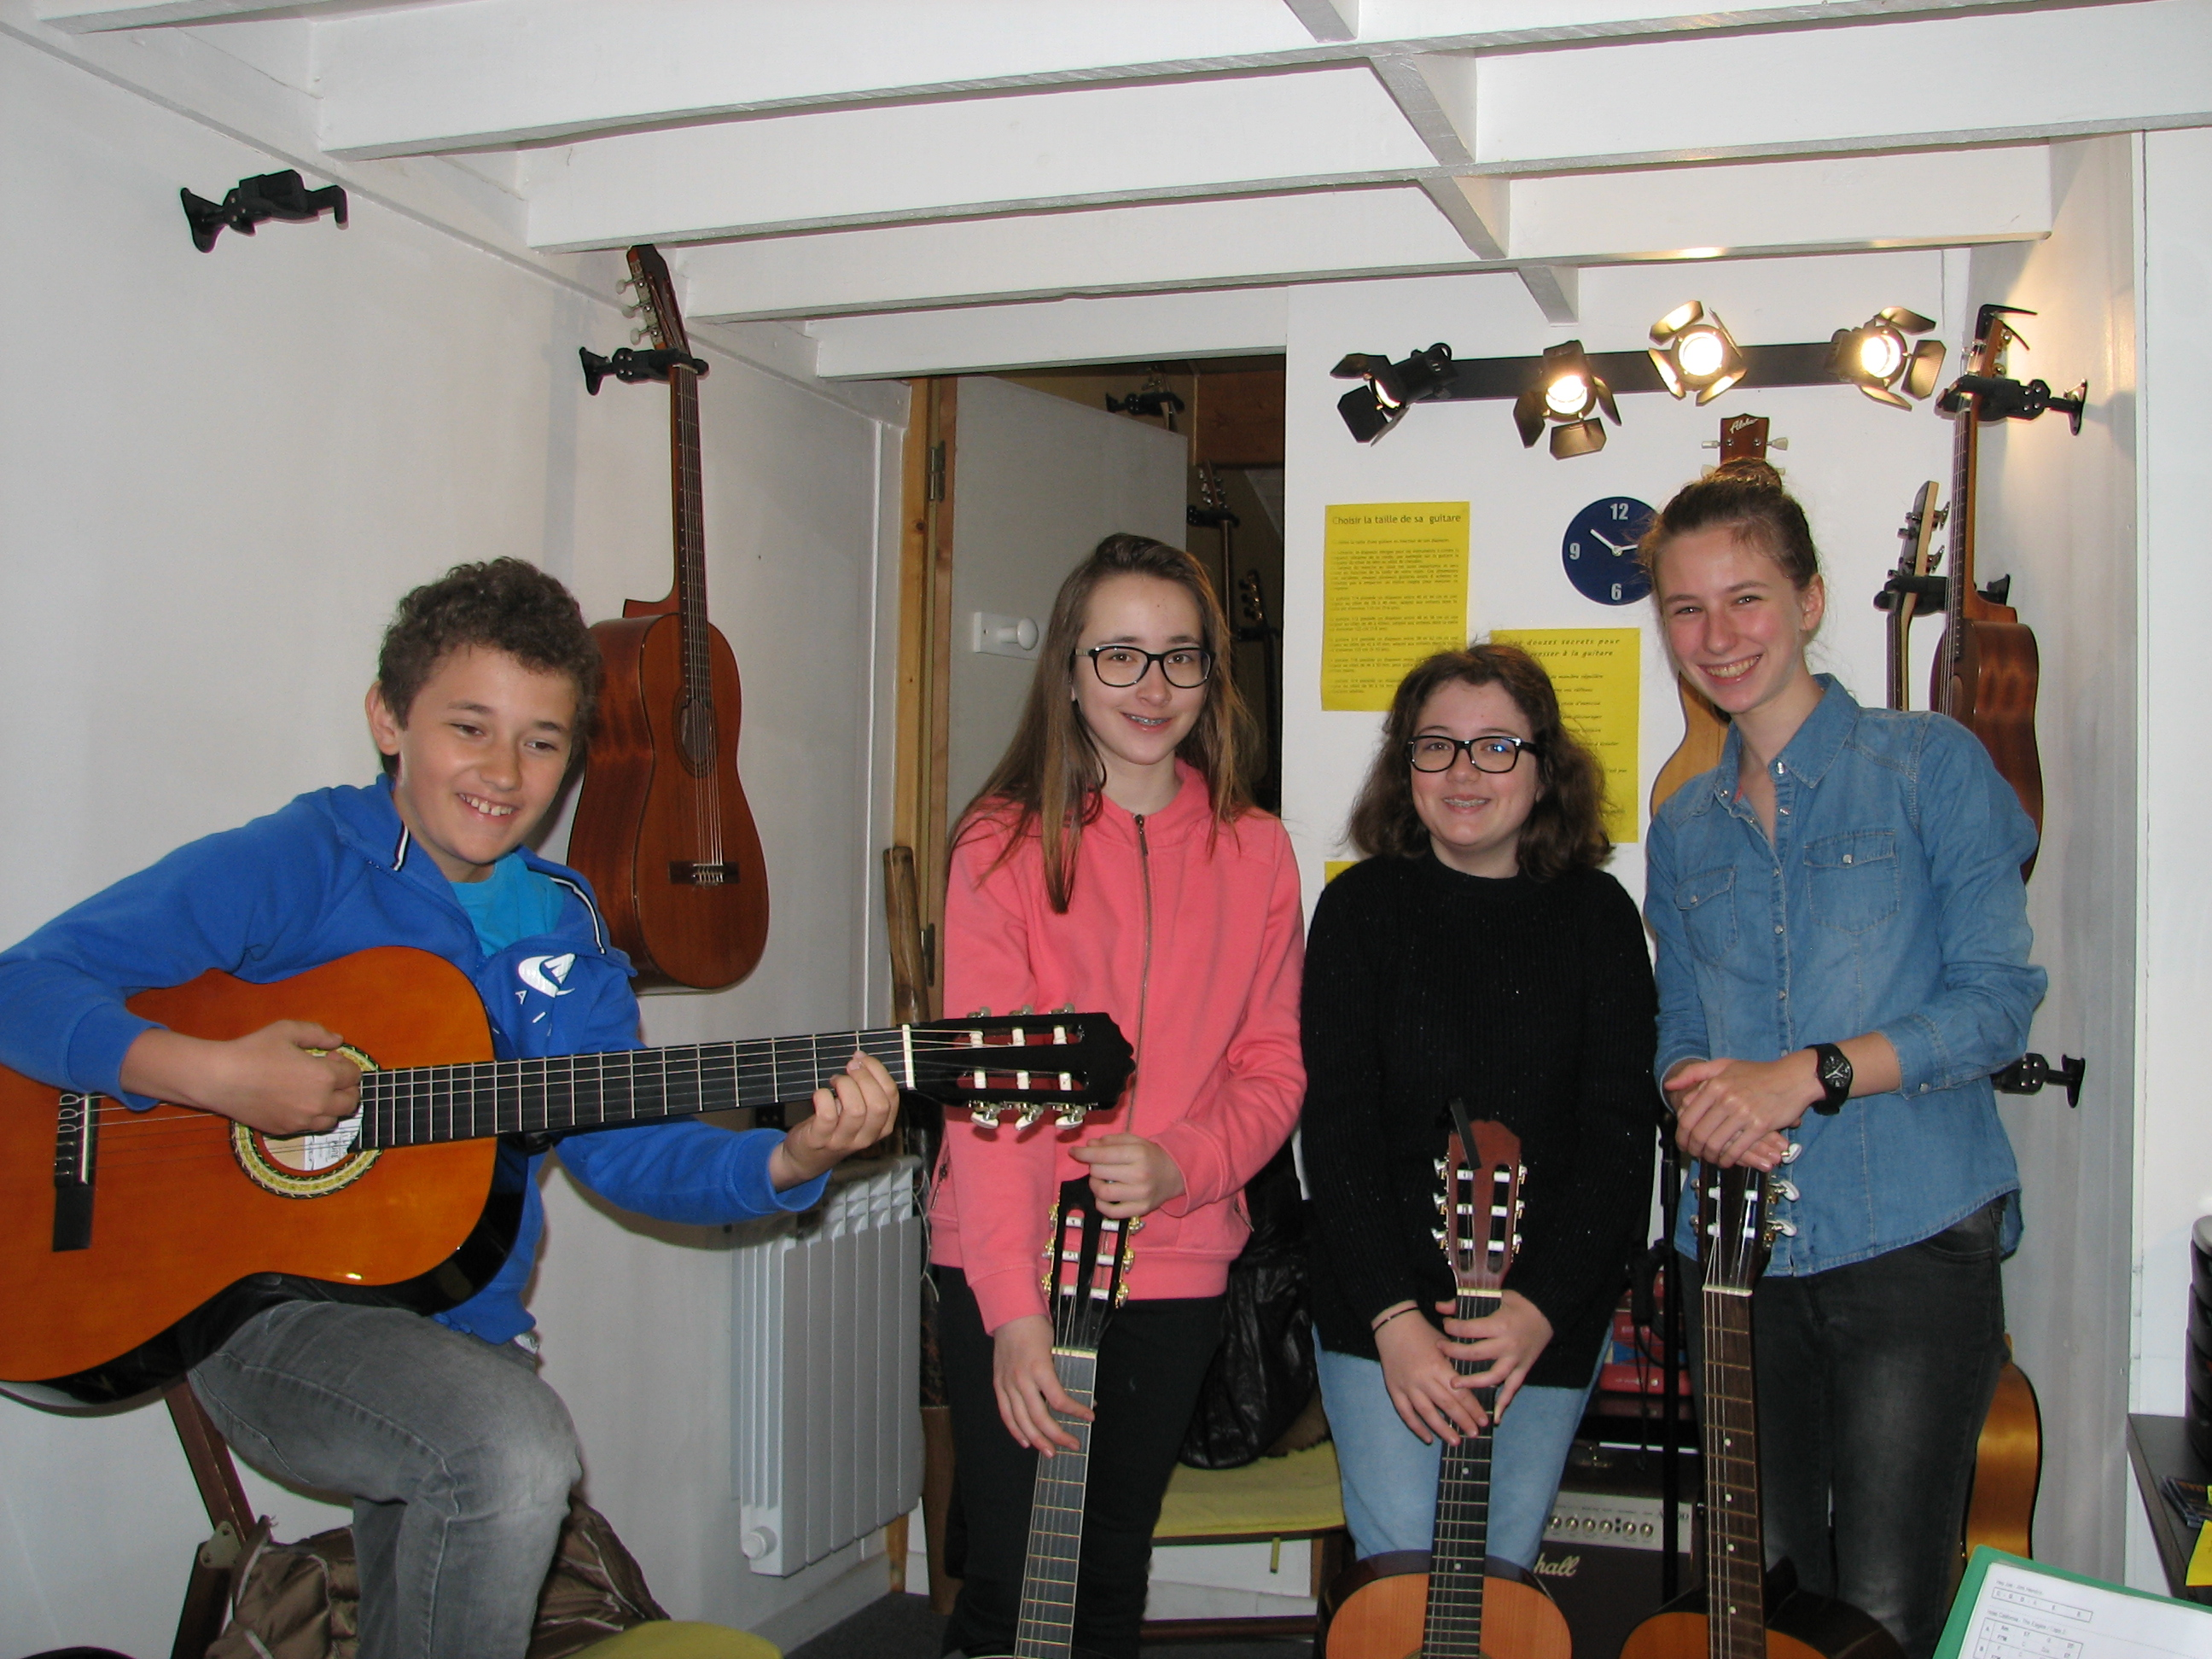 Alexandru, Eliza, Donia-Marie et Audrey